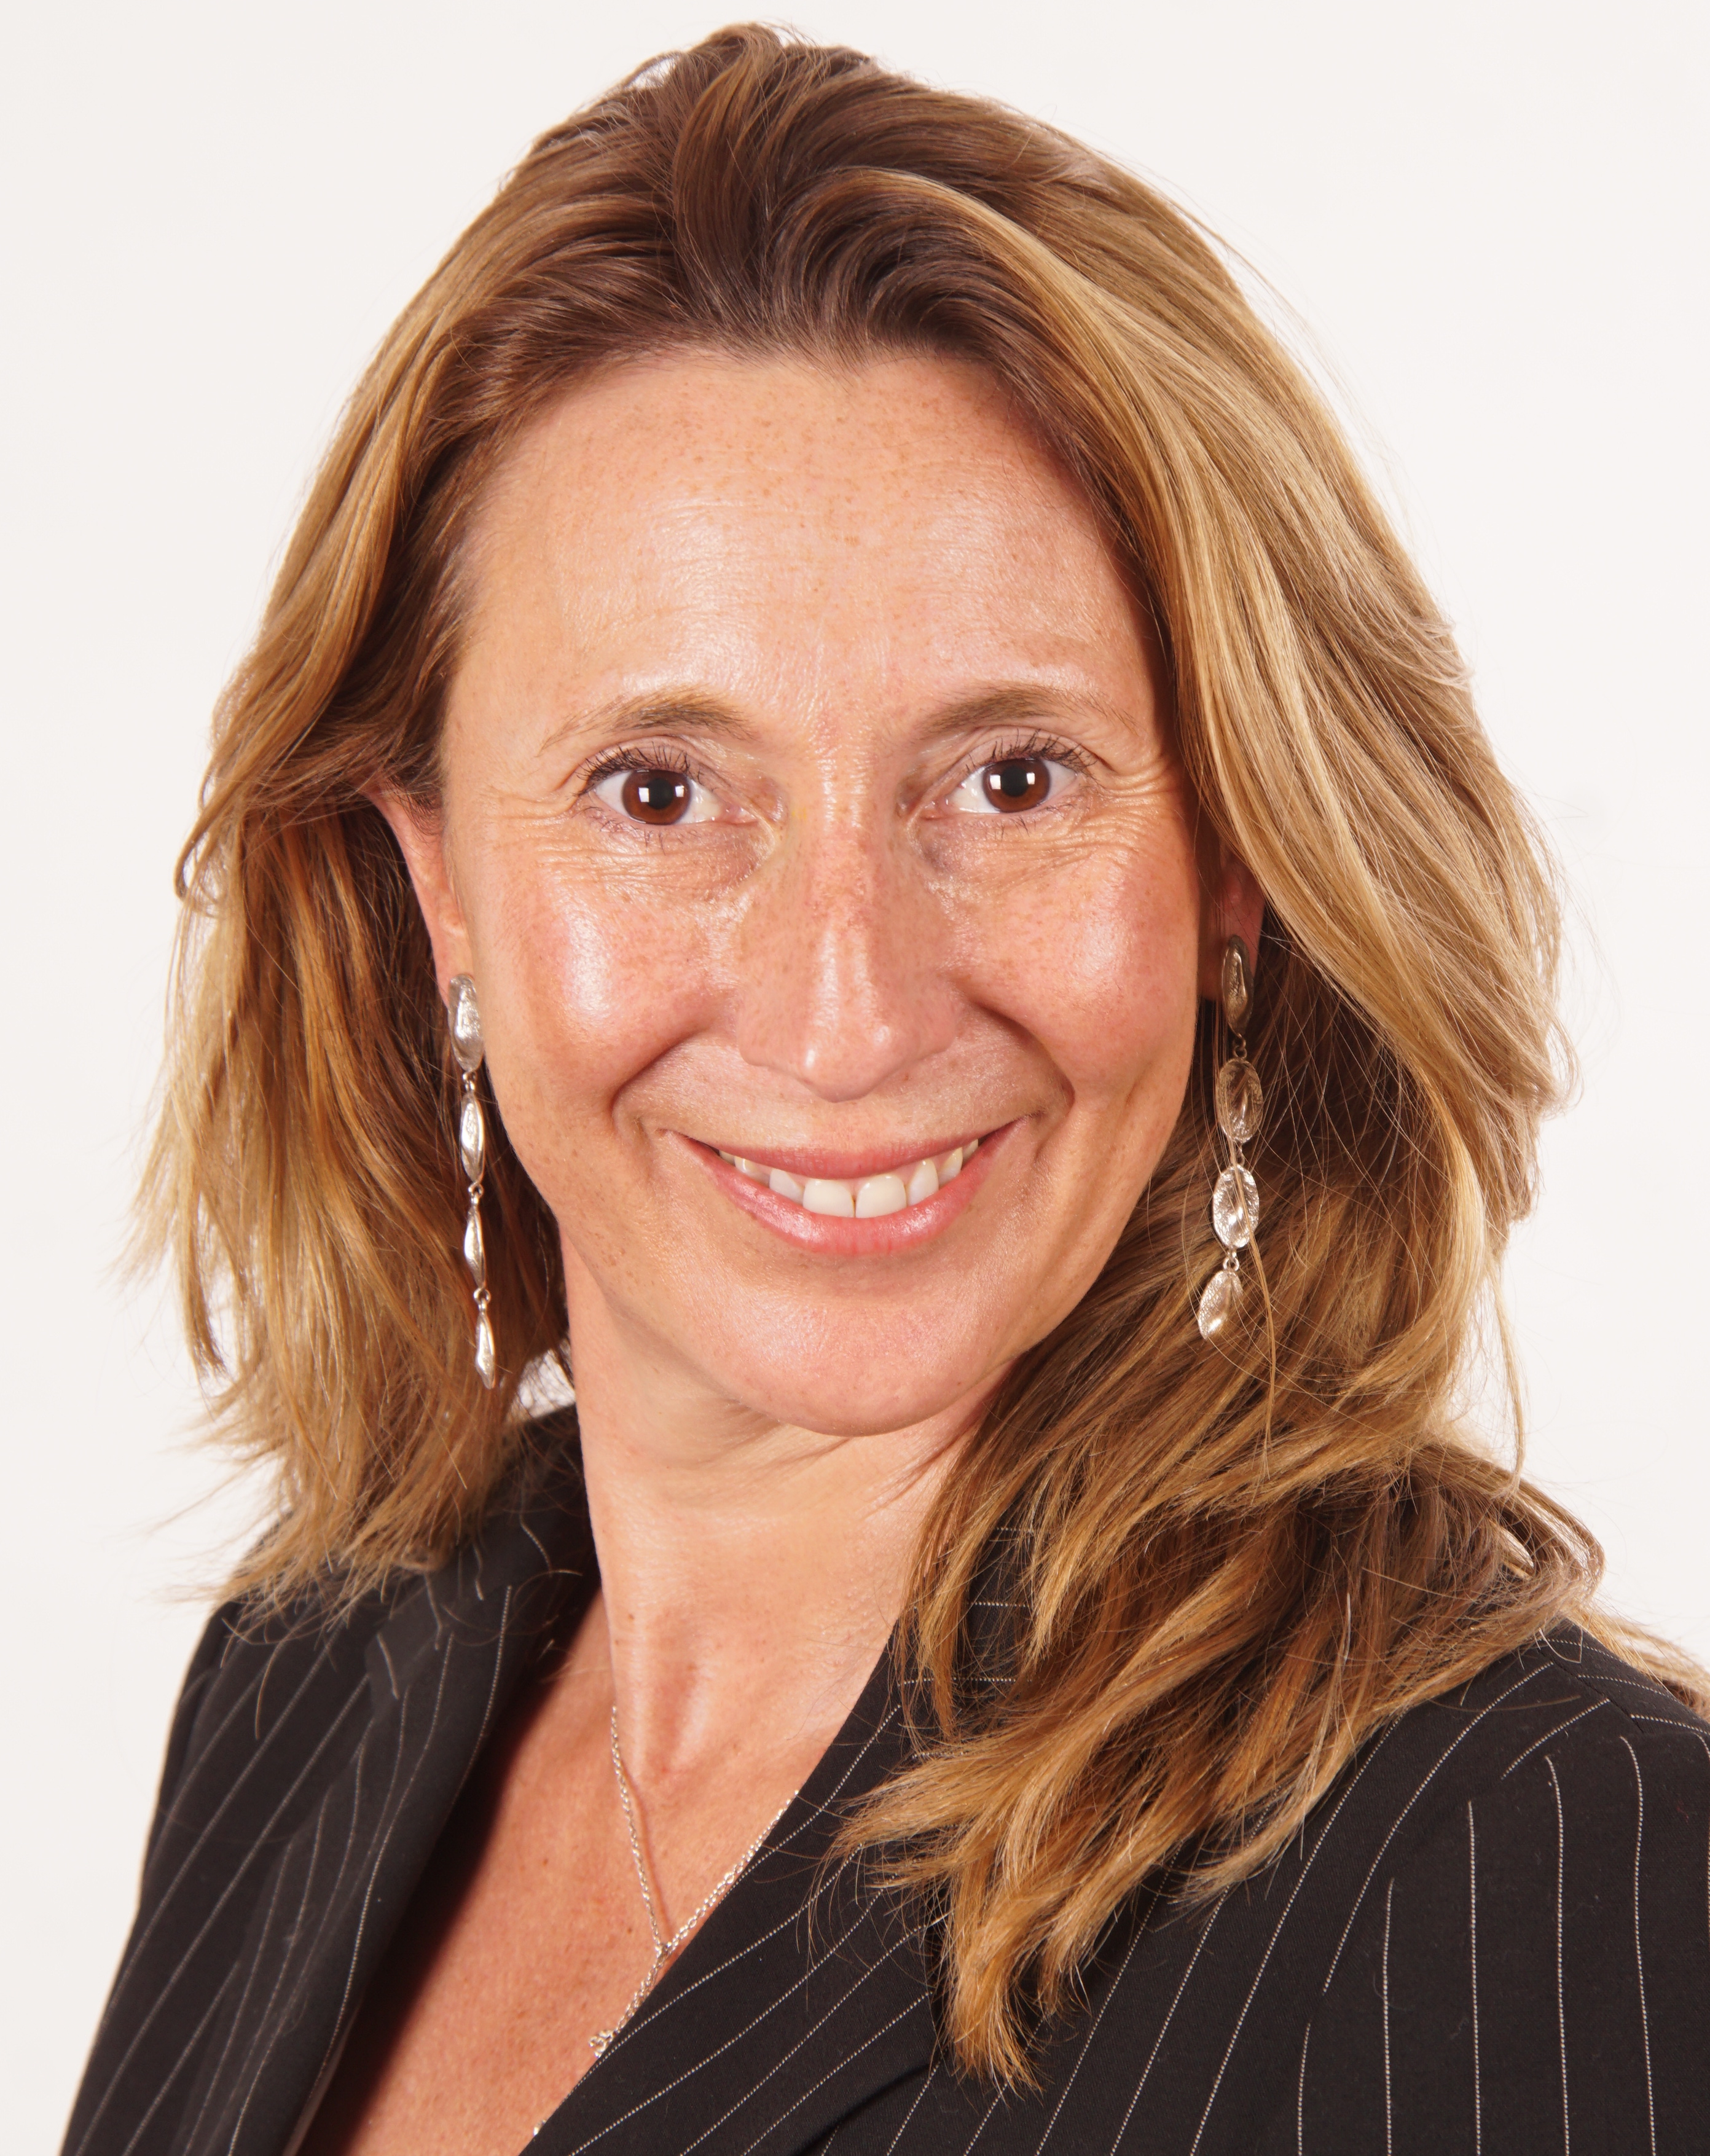 Dr. Stefanie Frey